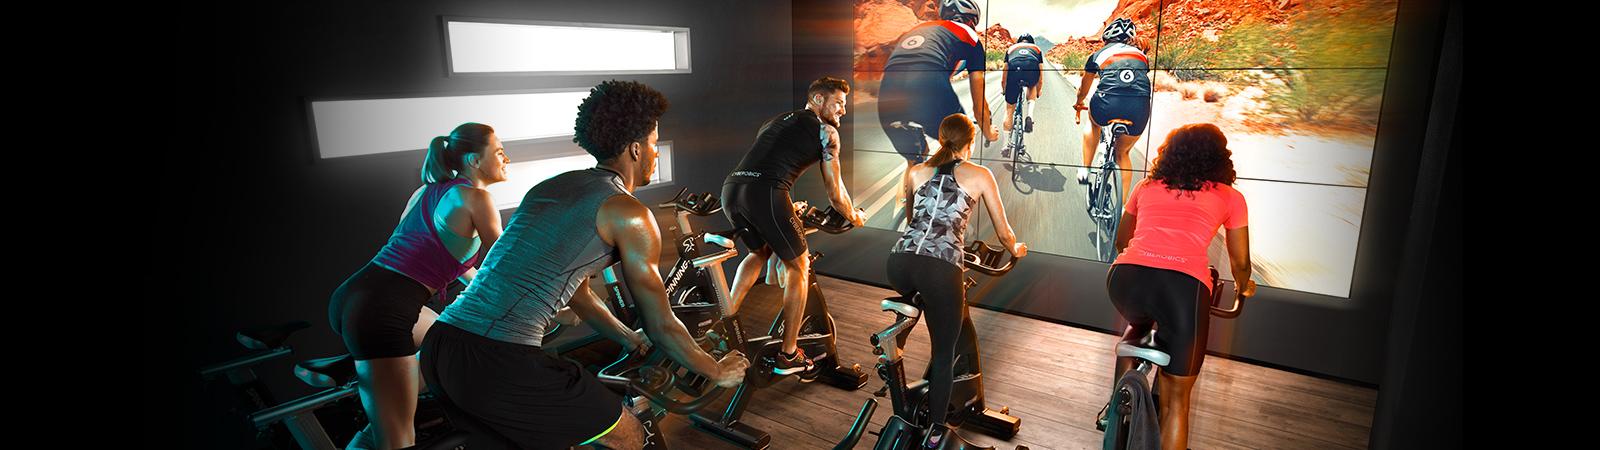 CYBEROBICS® CYCLING